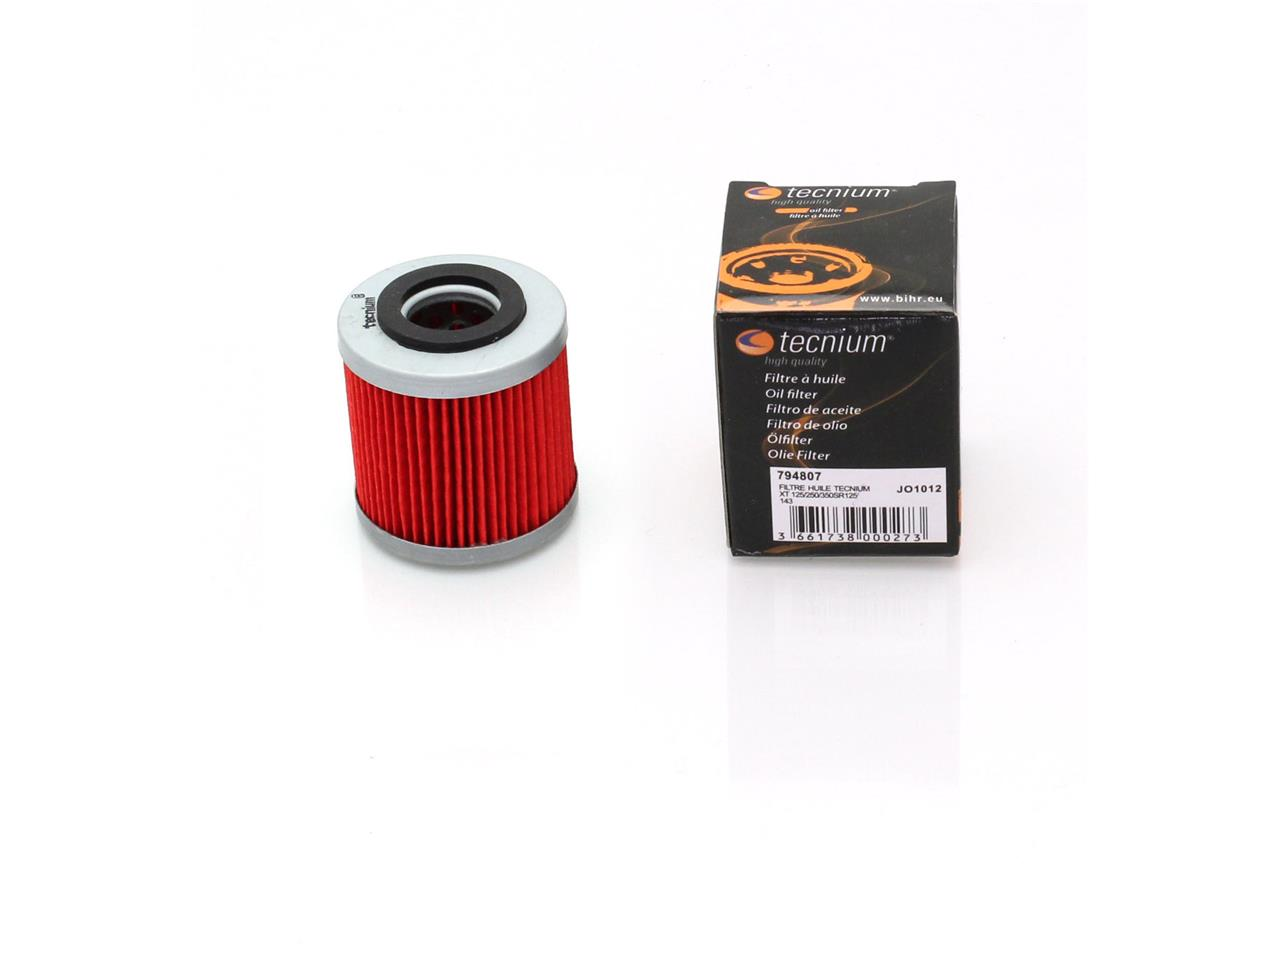 TECNIUM テクニウムTECNIUM タイプ154 オイル フィルター(Tecnium Type 154 Oil Filter【ヨーロッパ直輸入品】)